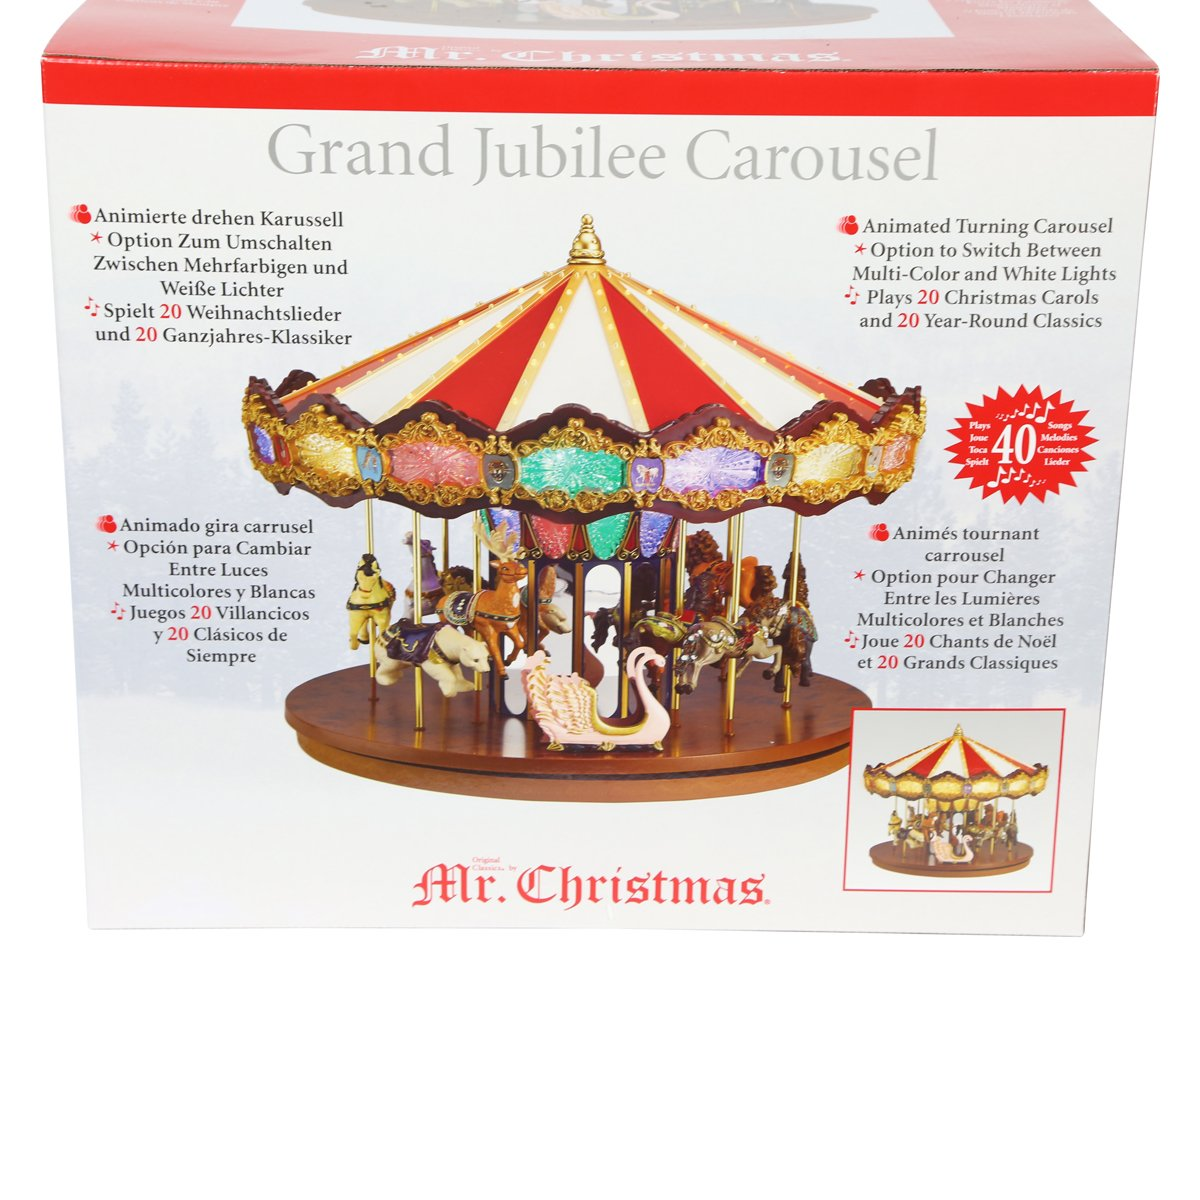 Amazon.de: Herr Weihnachten Grand Jubilee Karussell